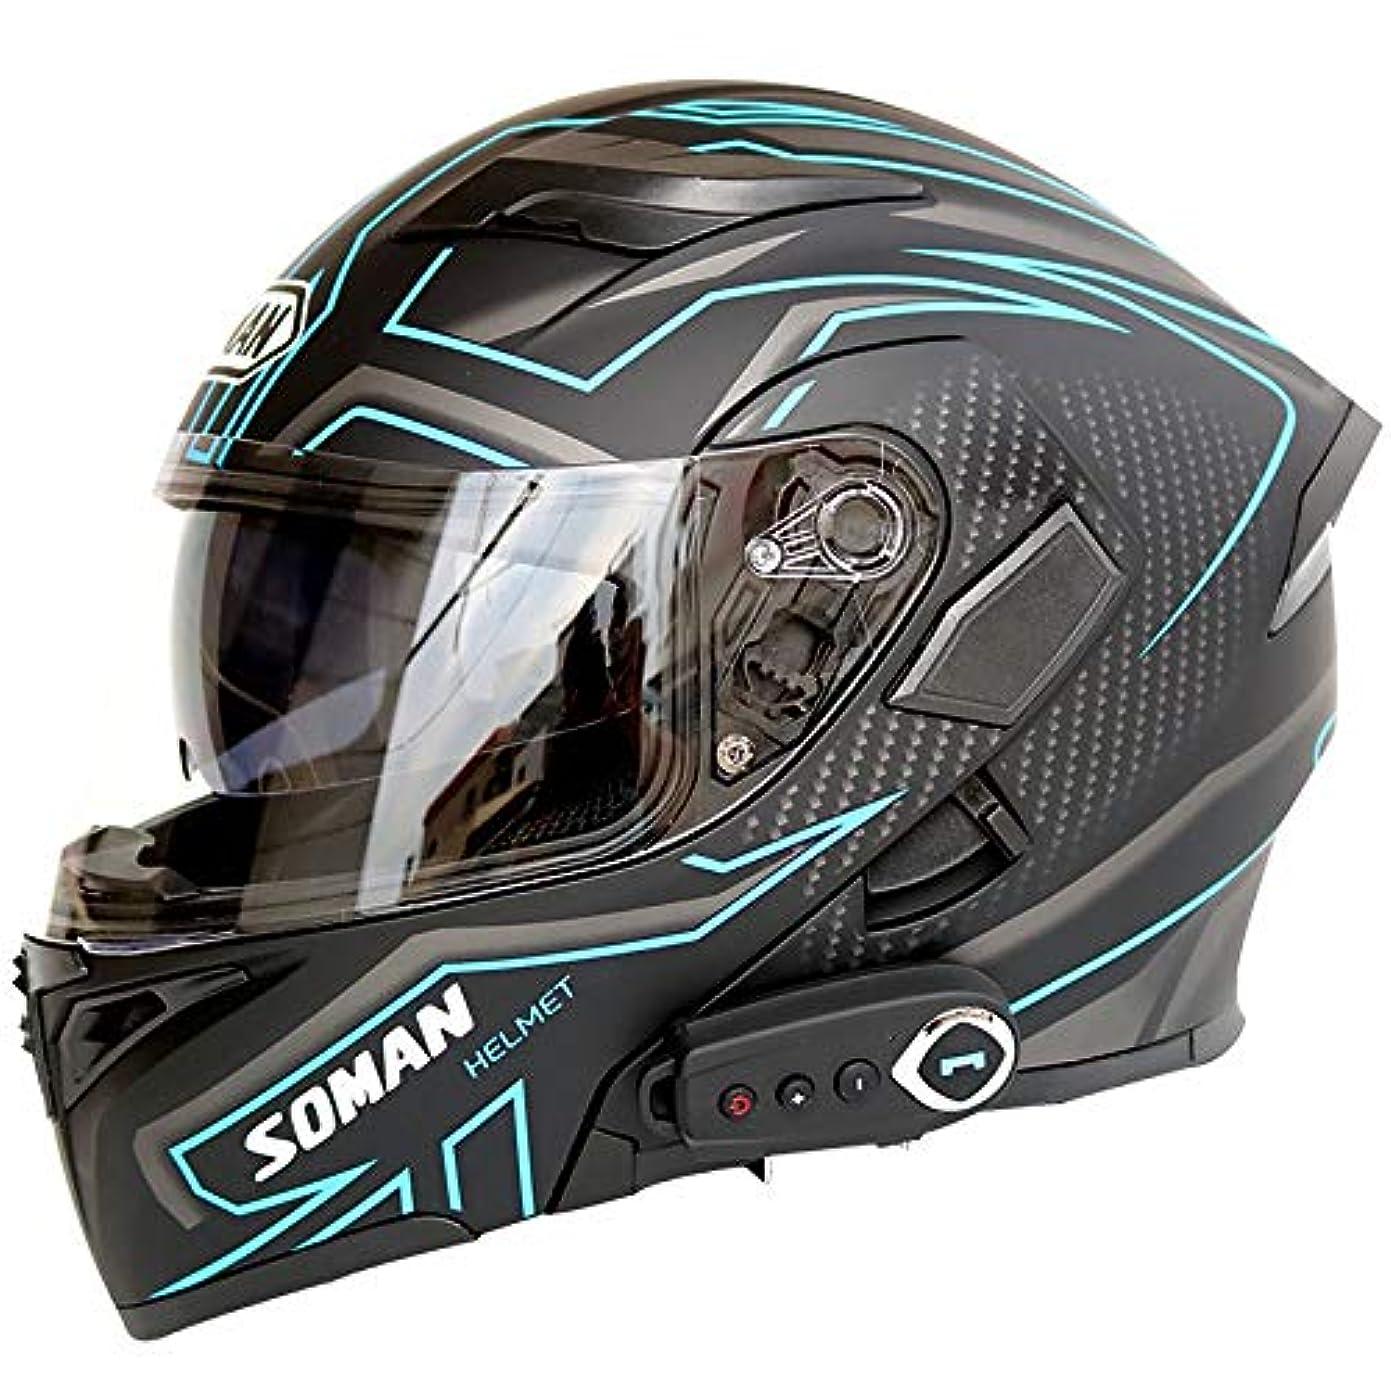 地下室バンガロー医薬ETH 男性と女性のためのオールシーズンオートバイのためのBluetoothヘルメットデュアルレンズはヘルメットを明らかに 保護 (色 : Blue, Size : XXL)